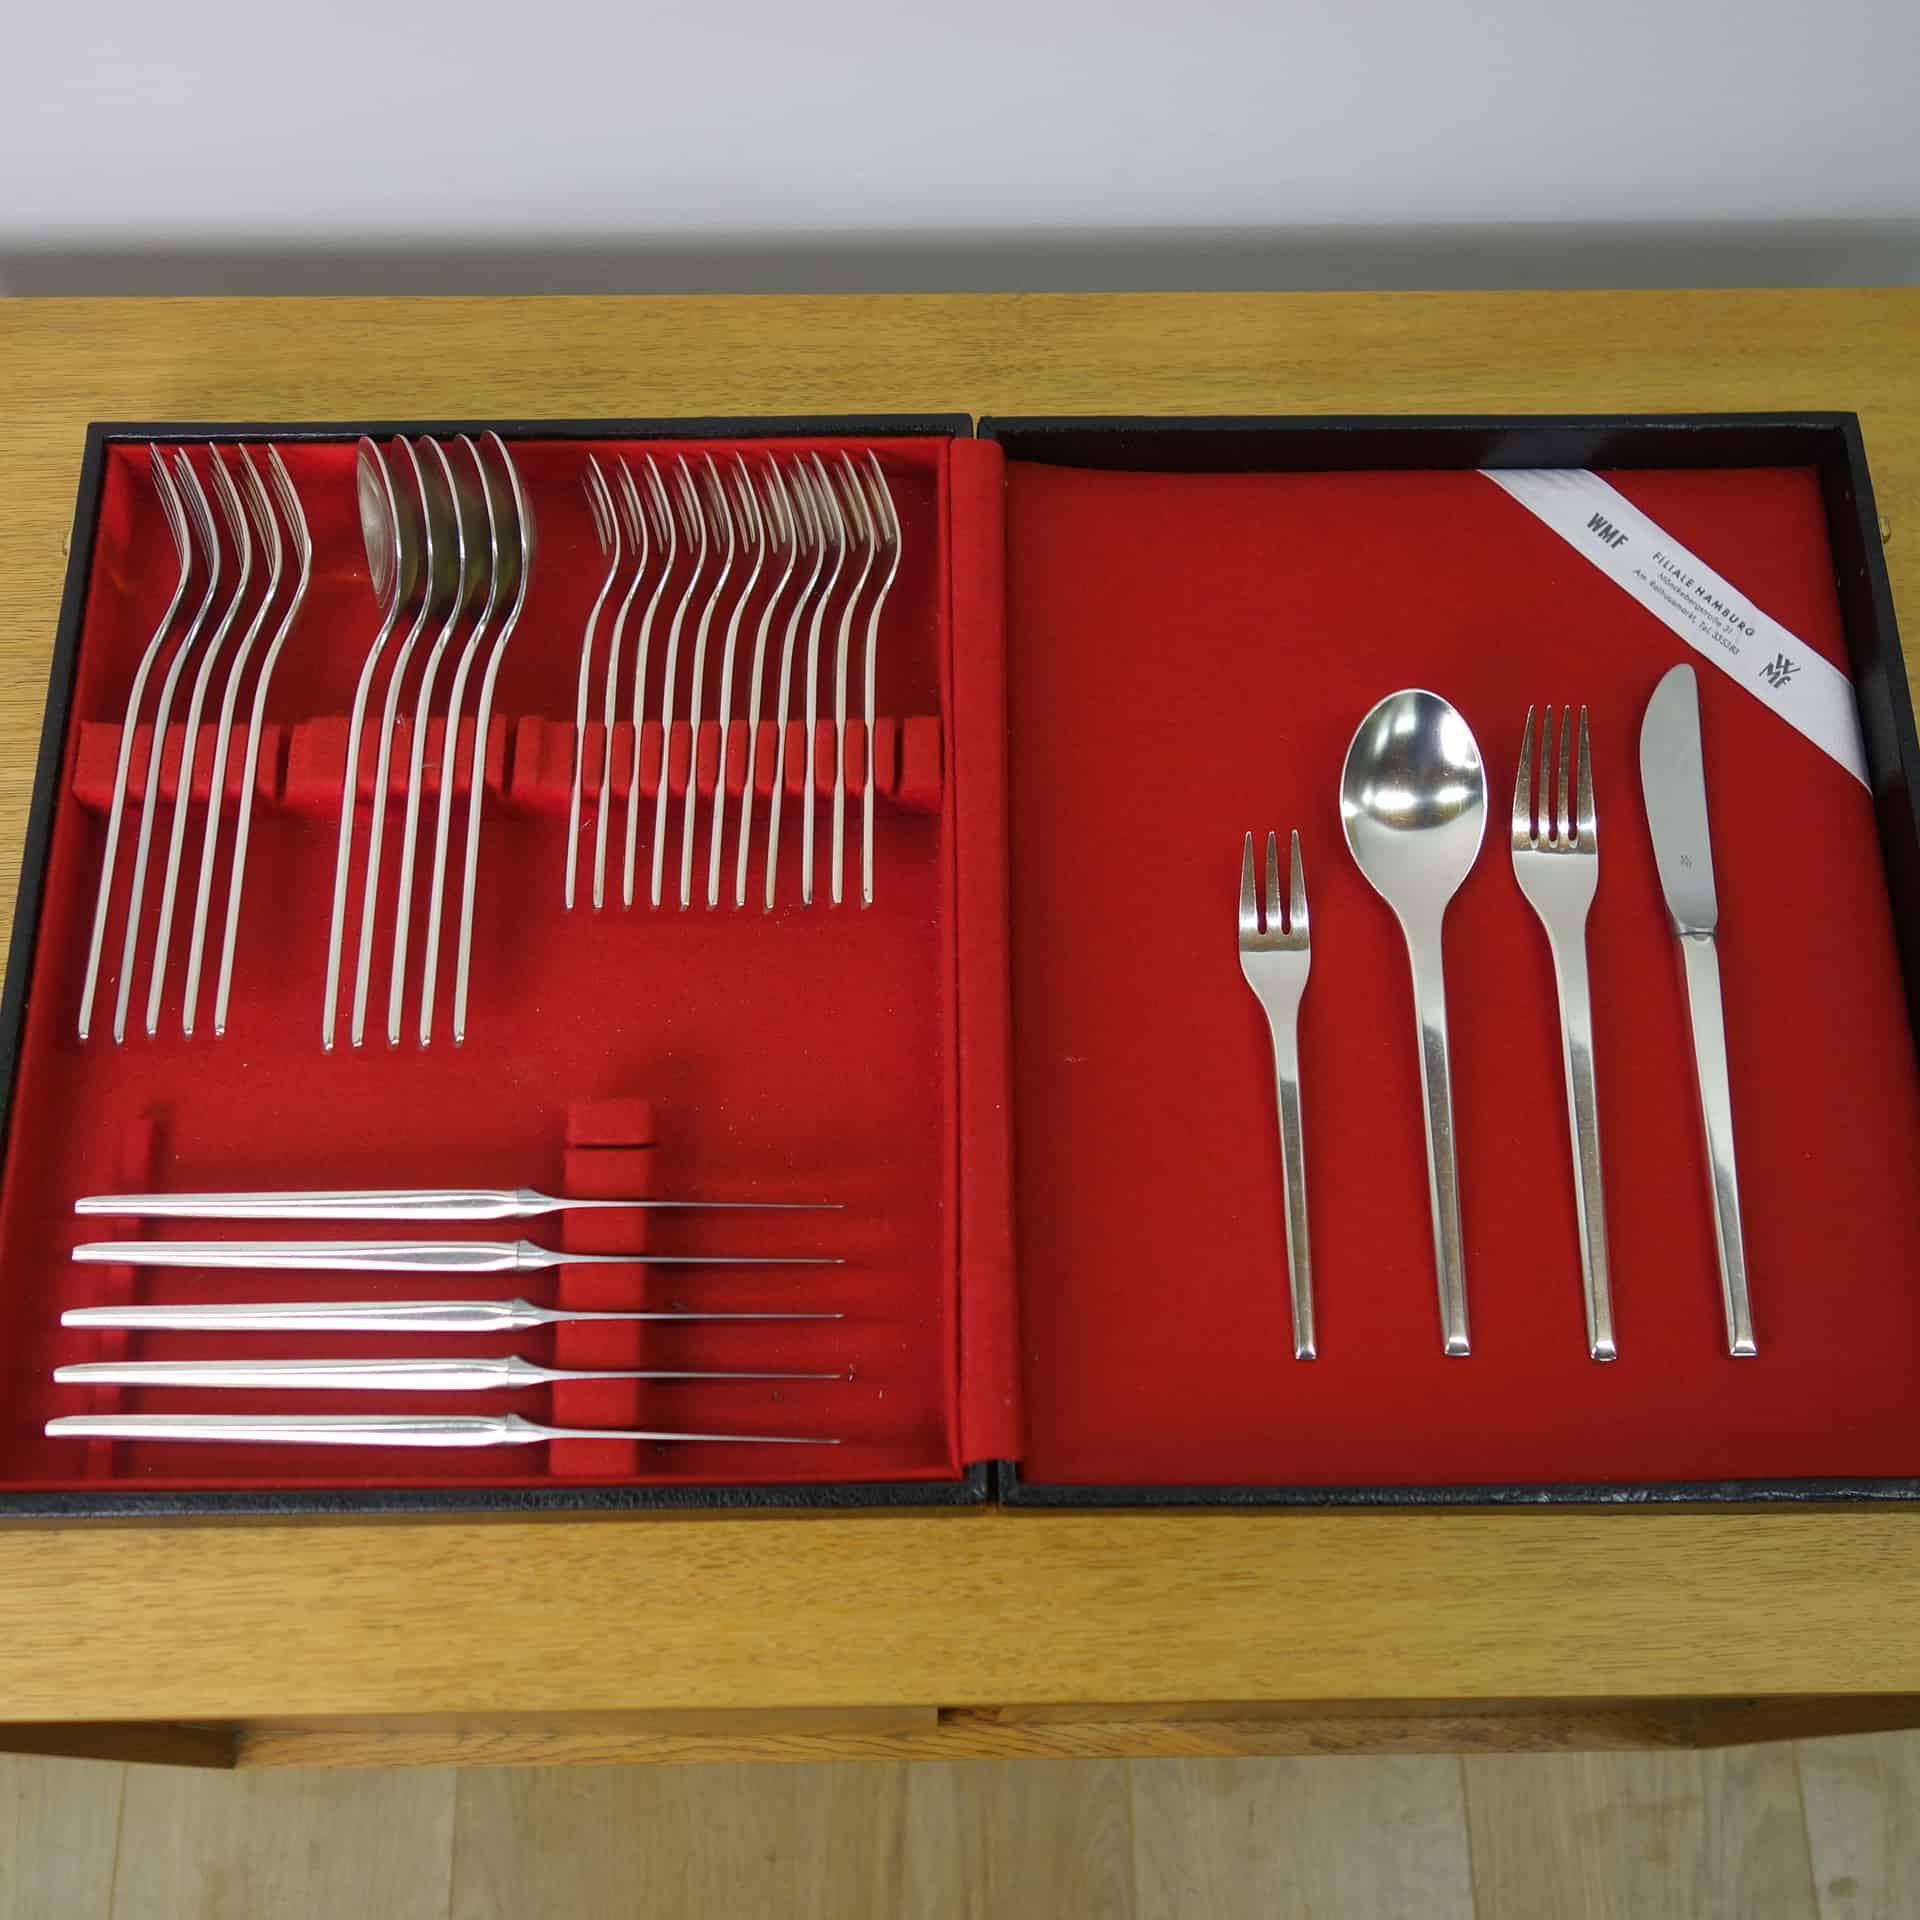 WMF Cutlery 1960s